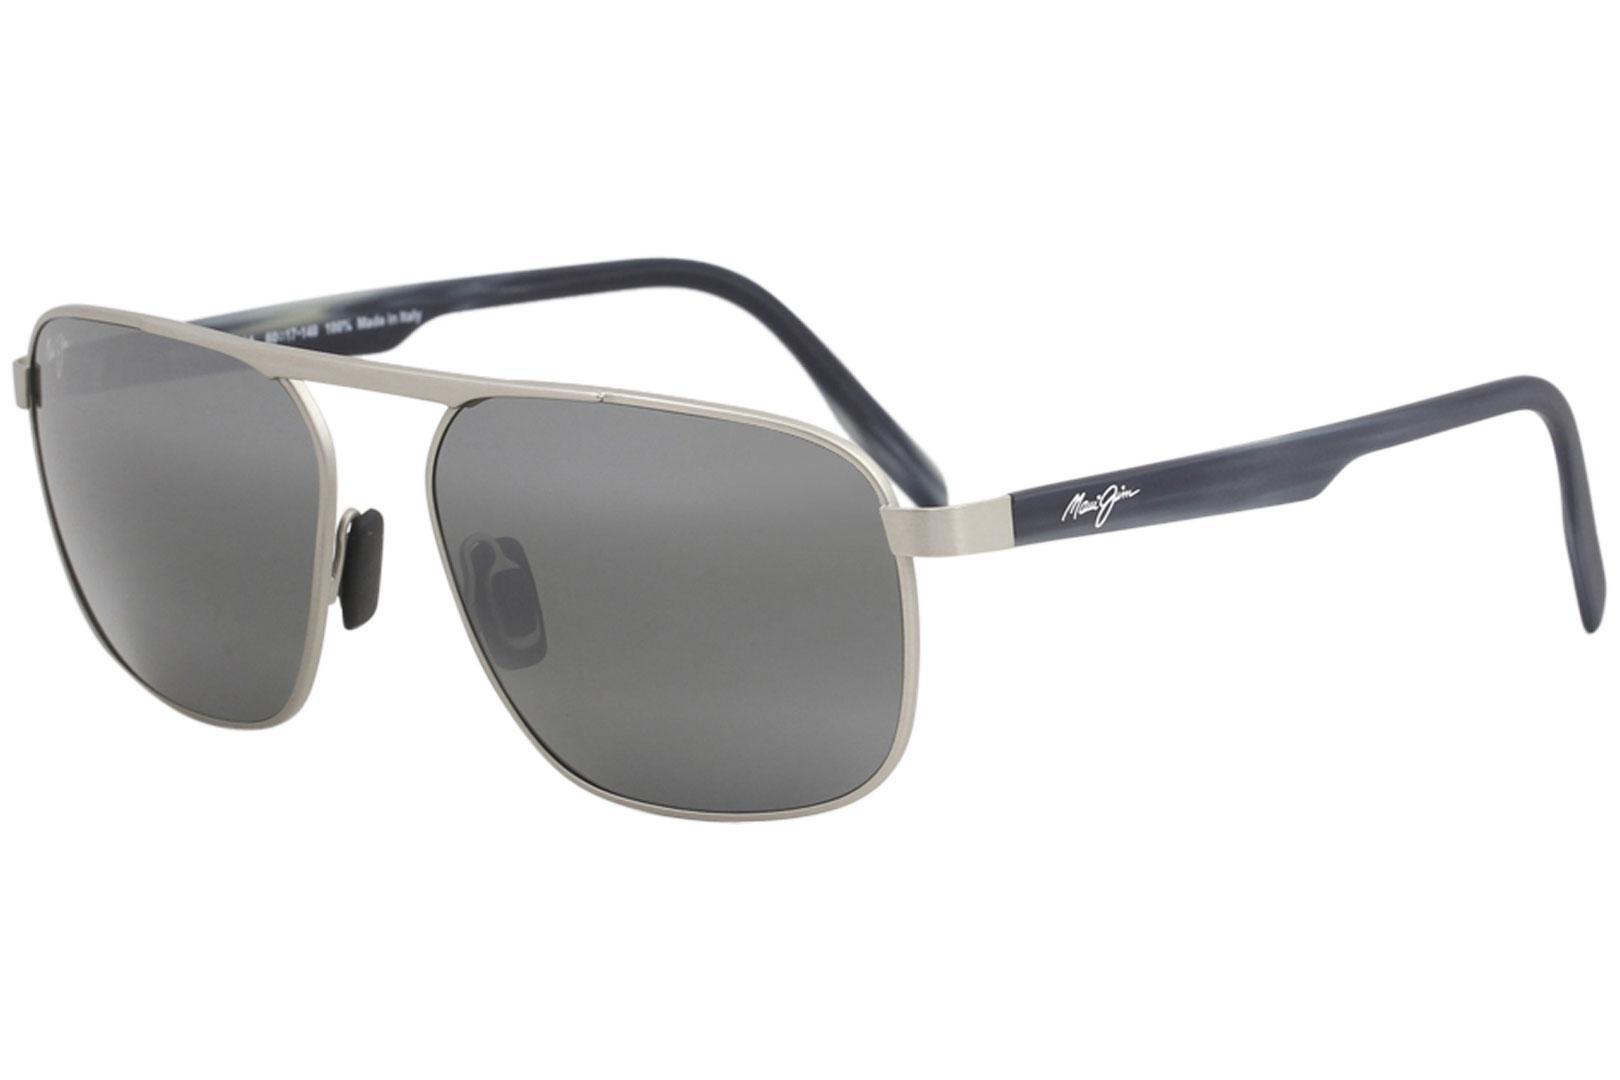 8470edf0bdf Maui Jim Men s Waihee-Ridge MJ777 MJ 777 Fashion Pilot Polarized Sunglasses